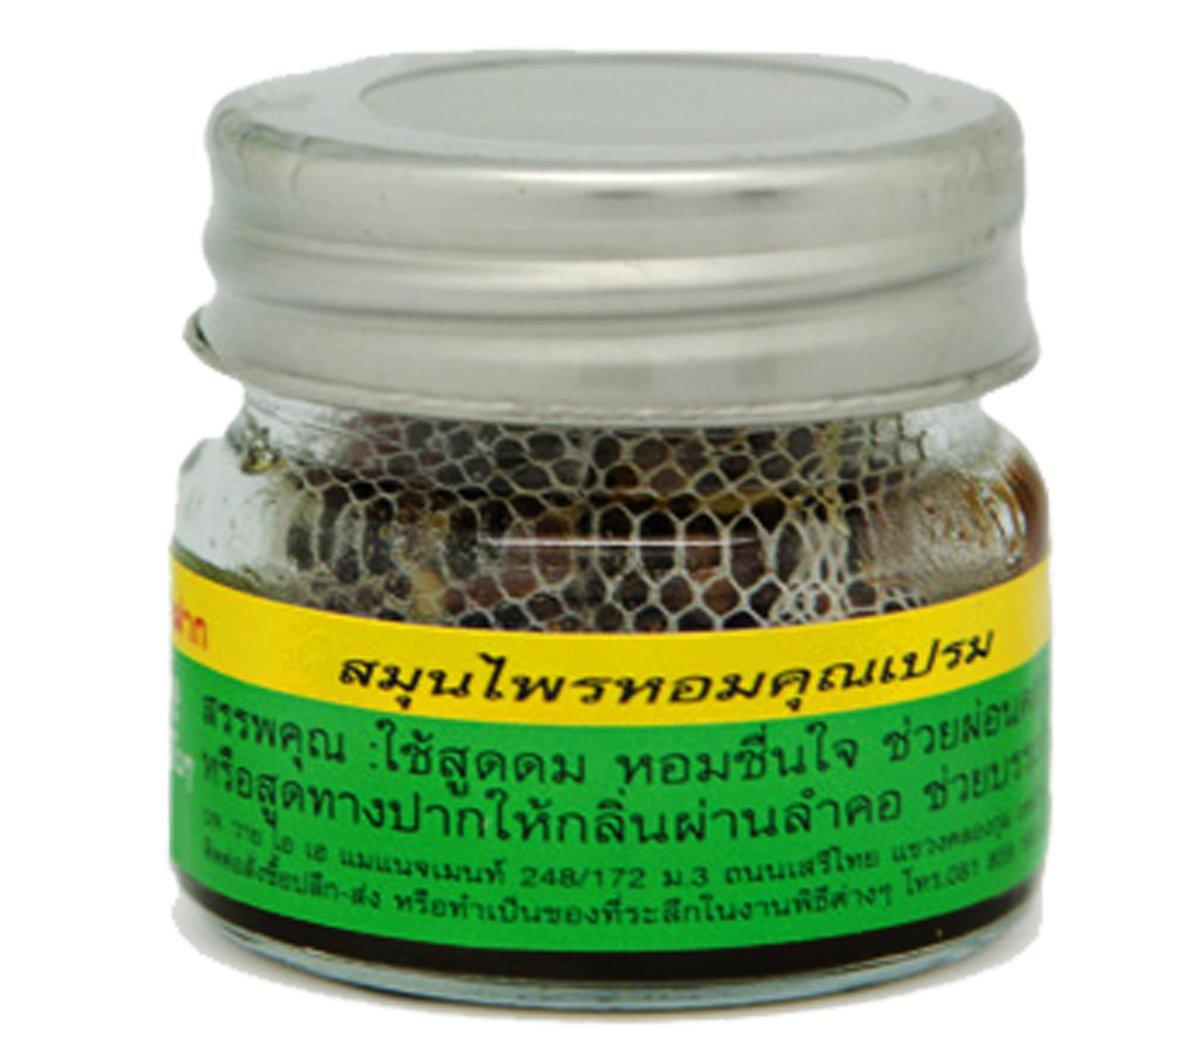 Local Thai Herbs Khun Peama Herb Thai 100 Inhalant Use Smelling Re